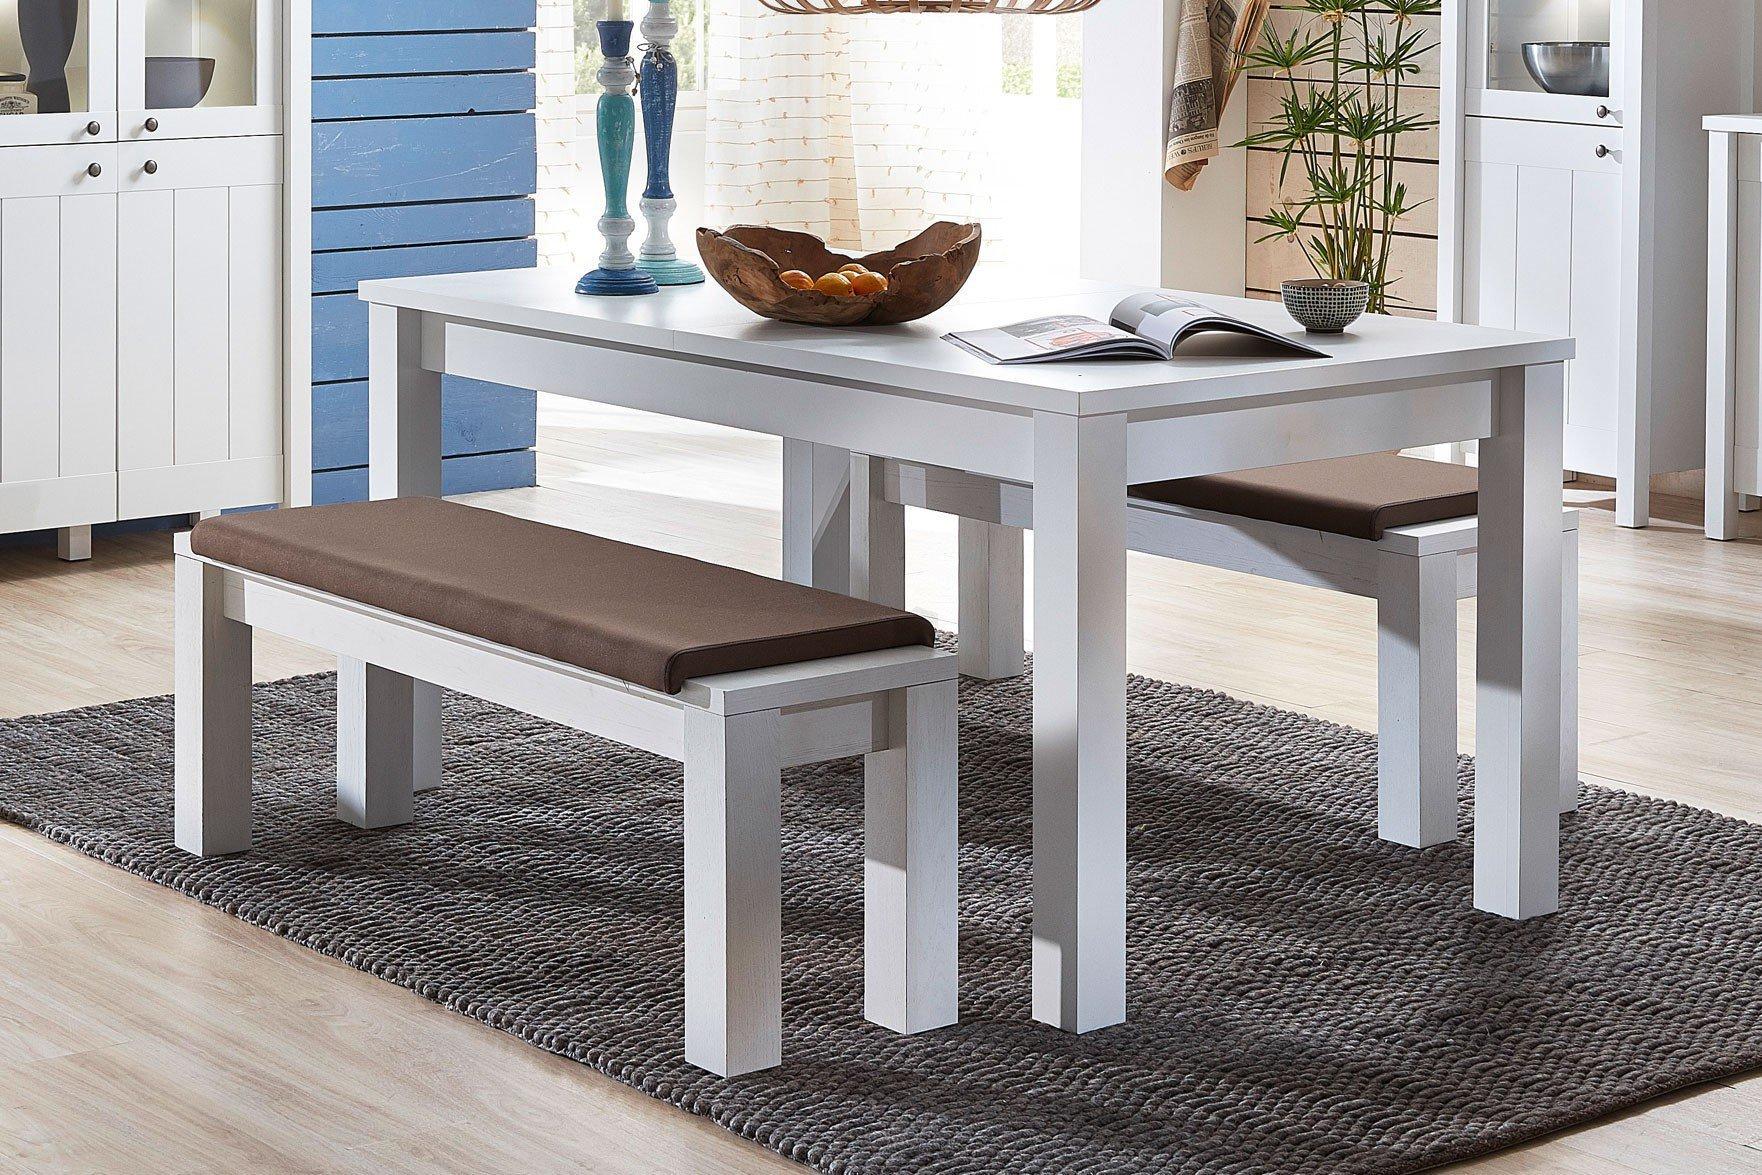 innostyle esstisch siena wei mit auszug m bel letz ihr online shop. Black Bedroom Furniture Sets. Home Design Ideas